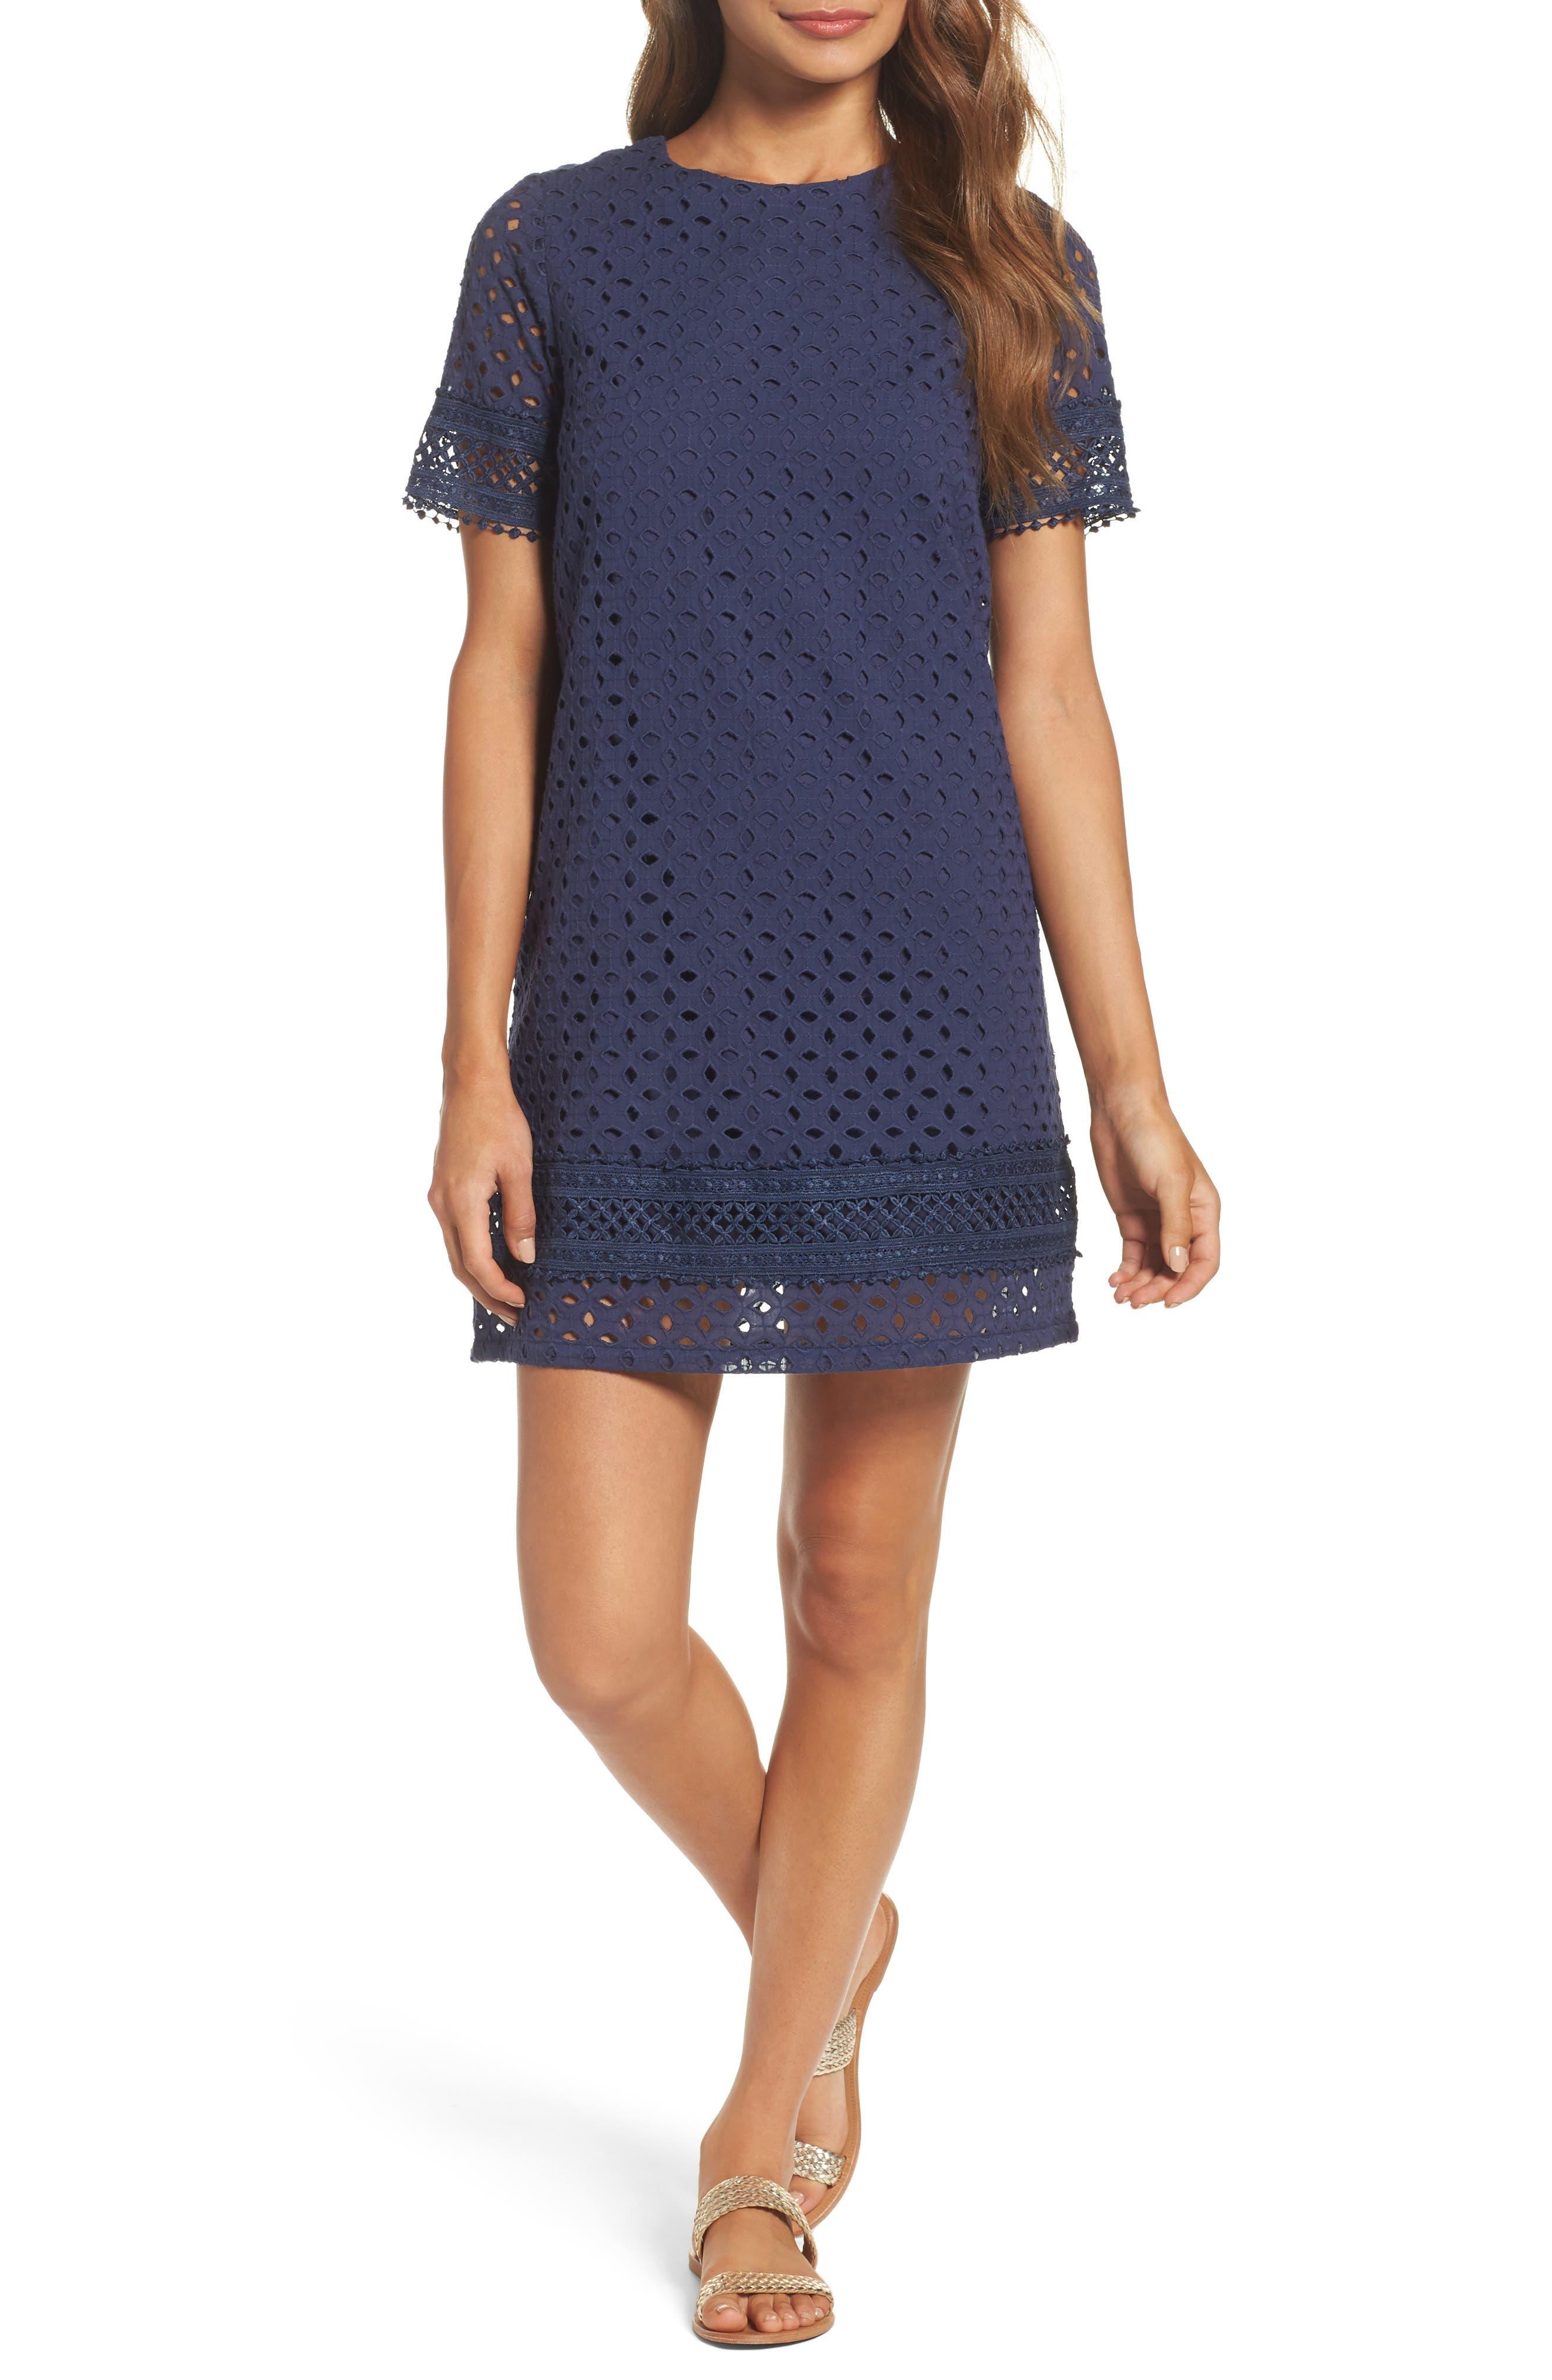 NSR Lace Shift Dress